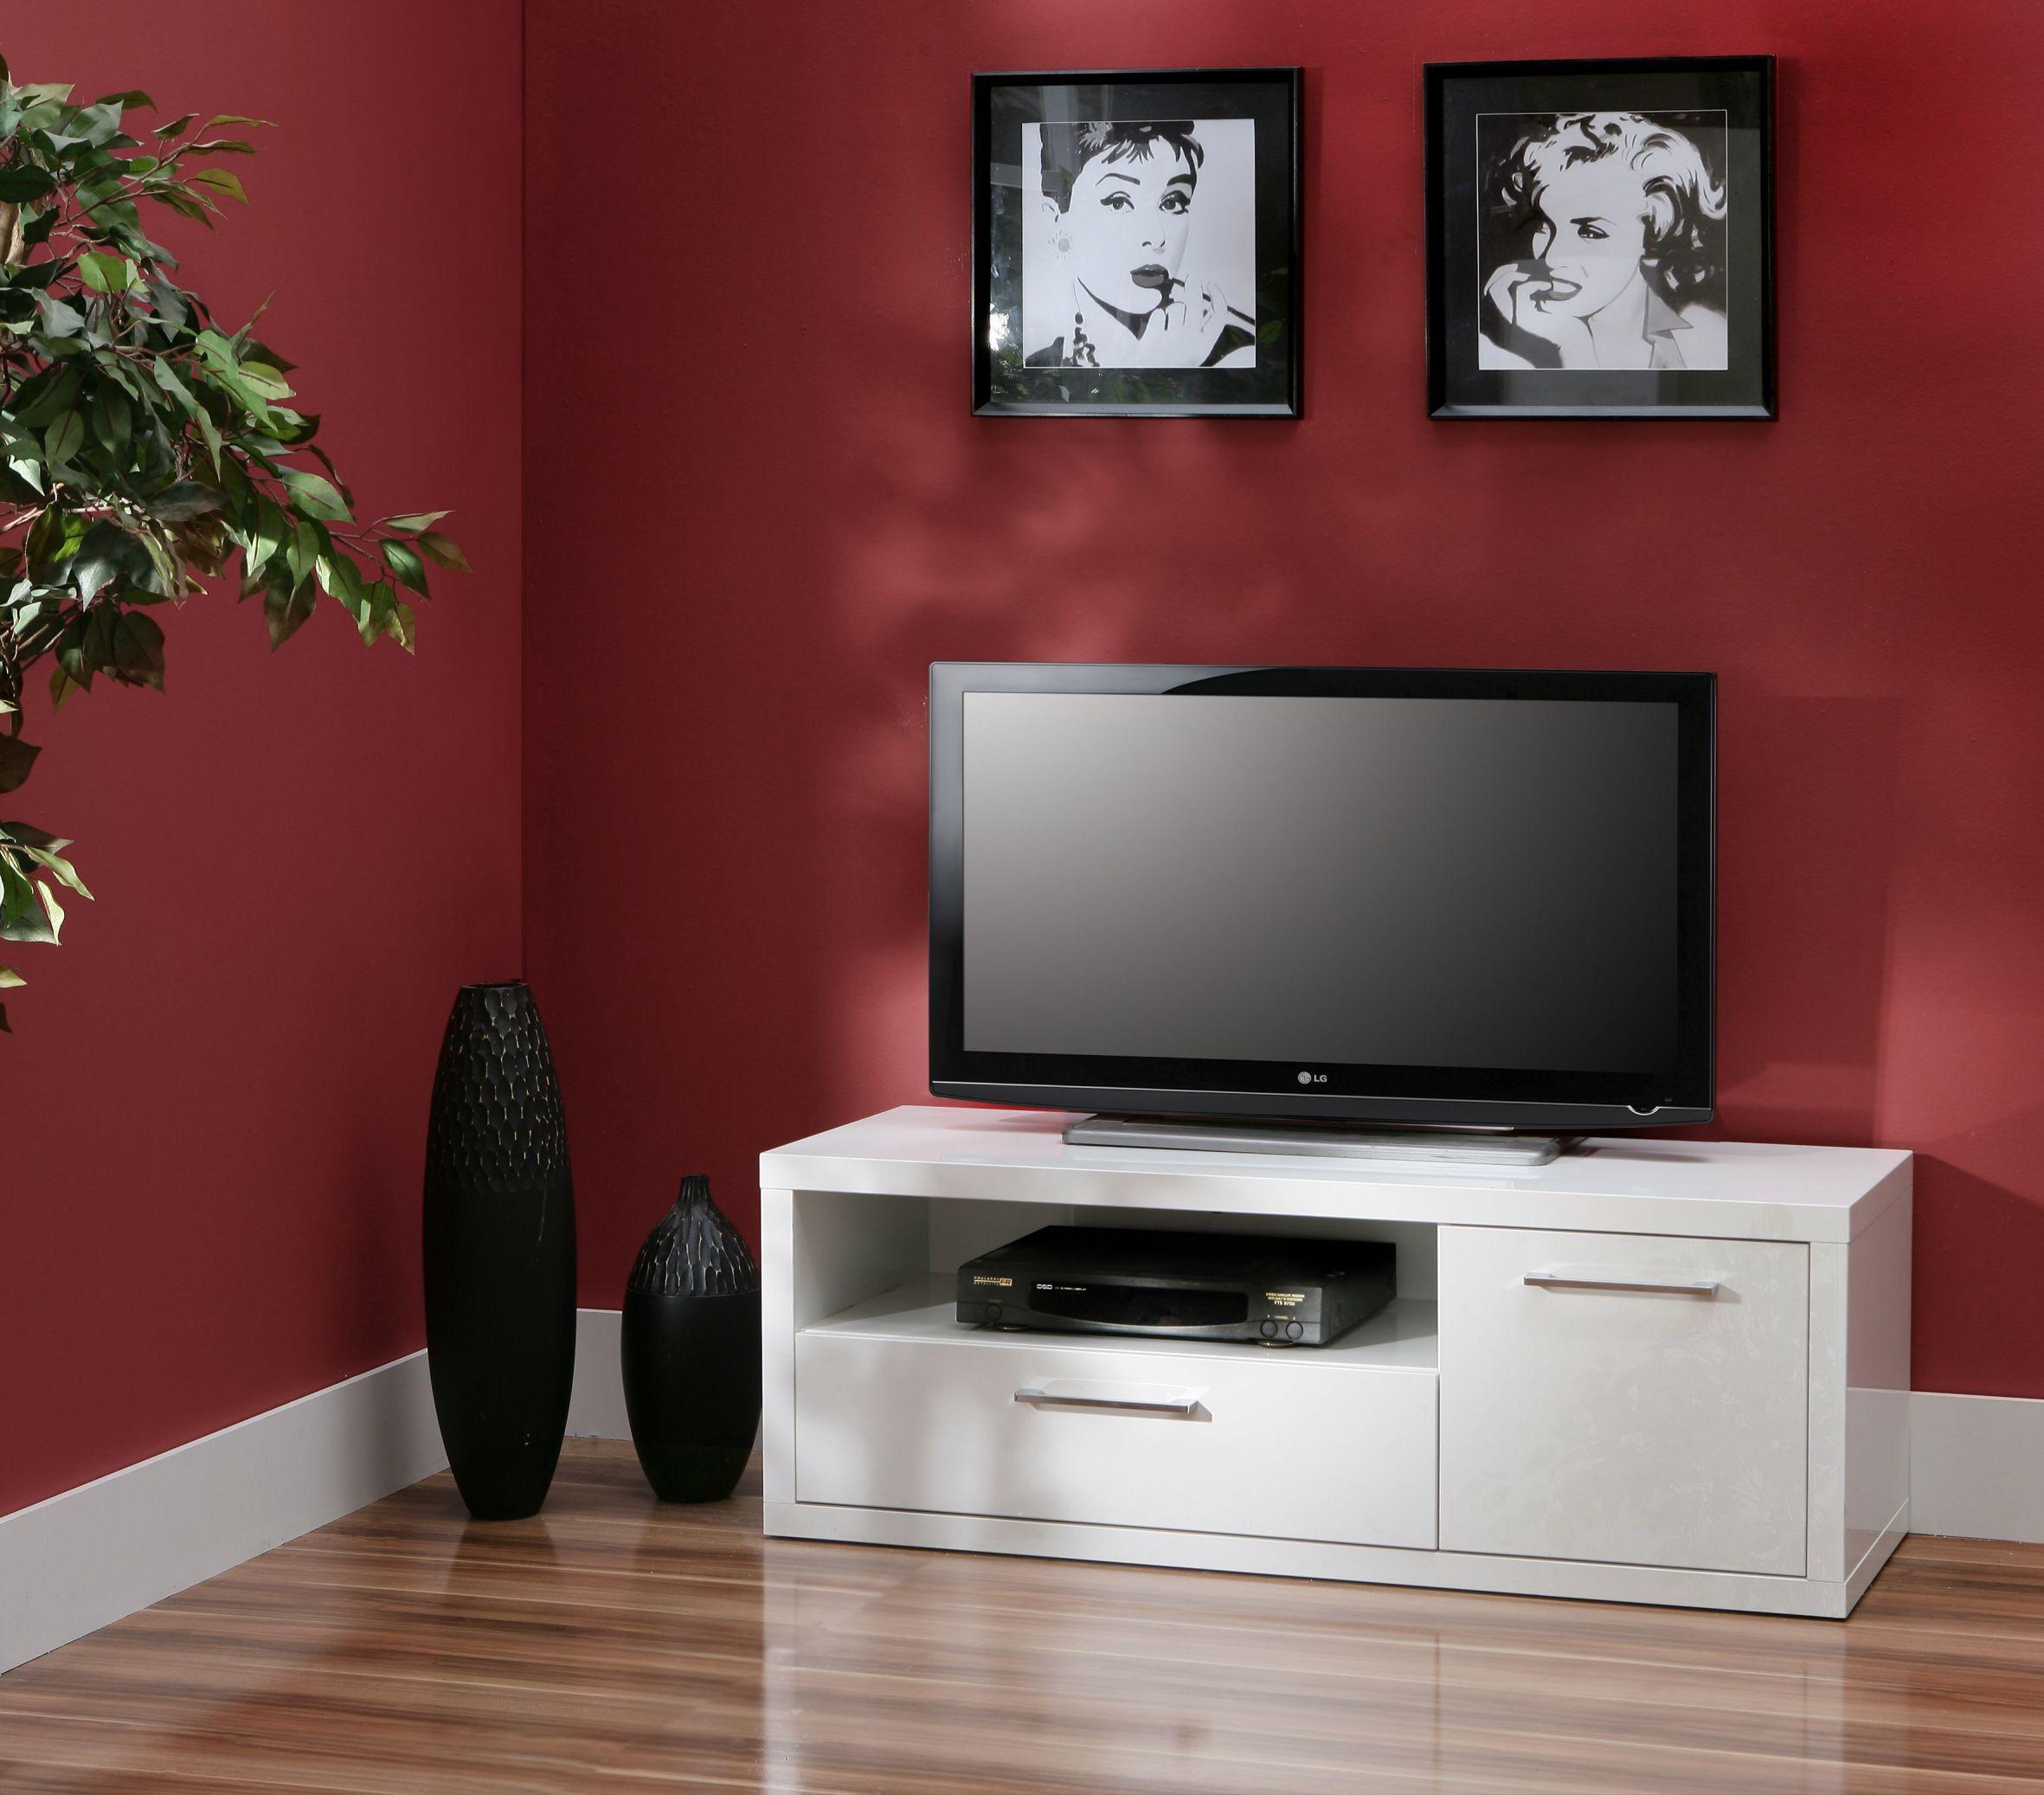 Tv Schrank Modern. Latest Modern Window Tv Schrank With Tv Schrank ...